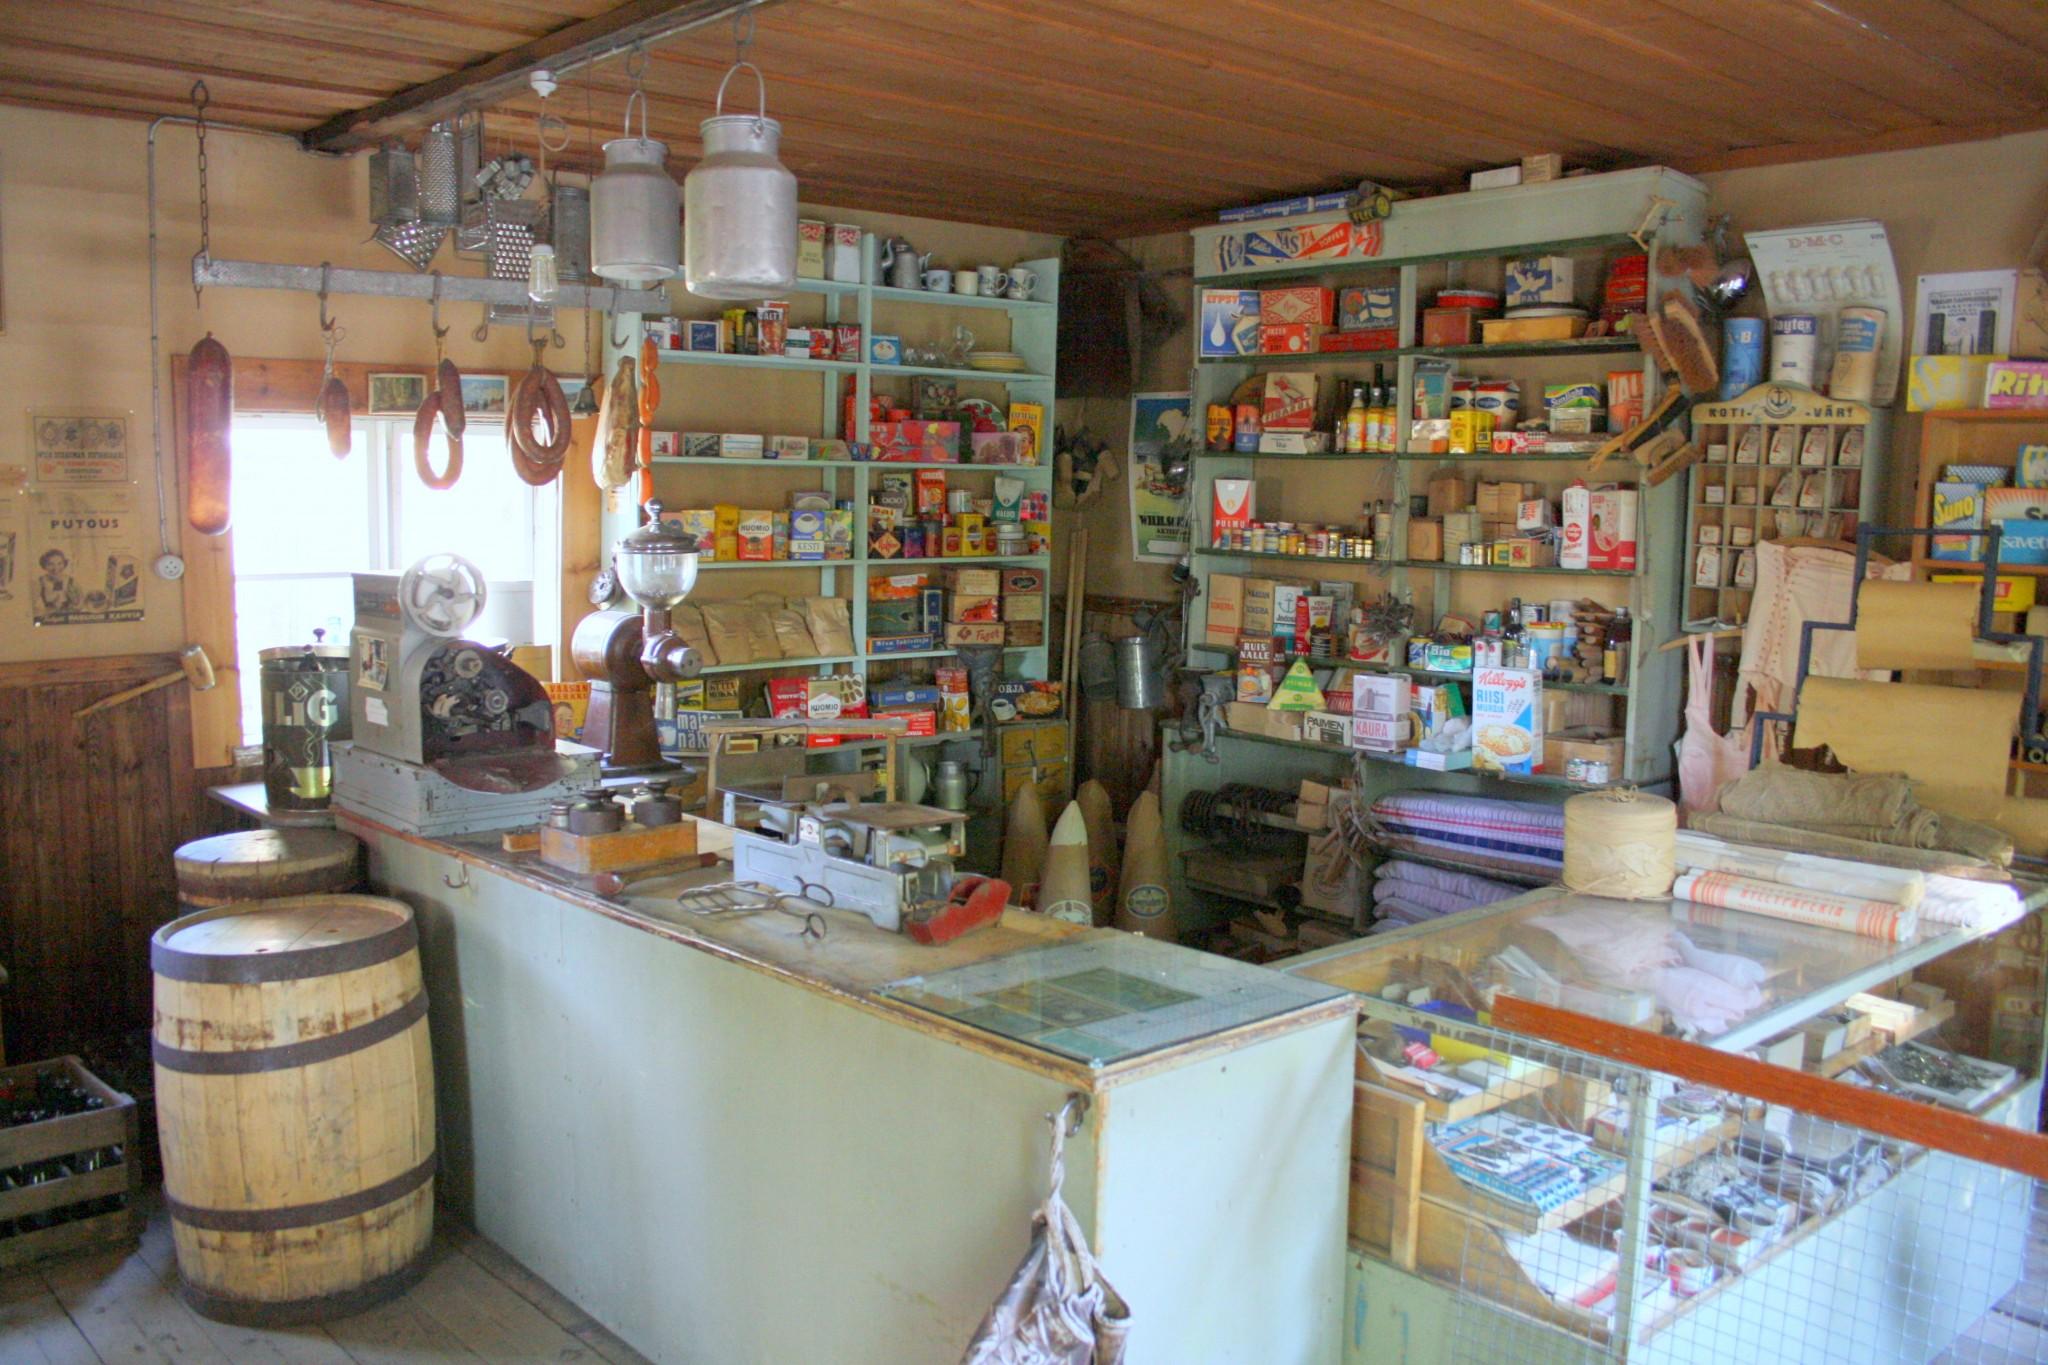 Toivosen talonpojanmuseo kälviä kokkola eläinpuisto